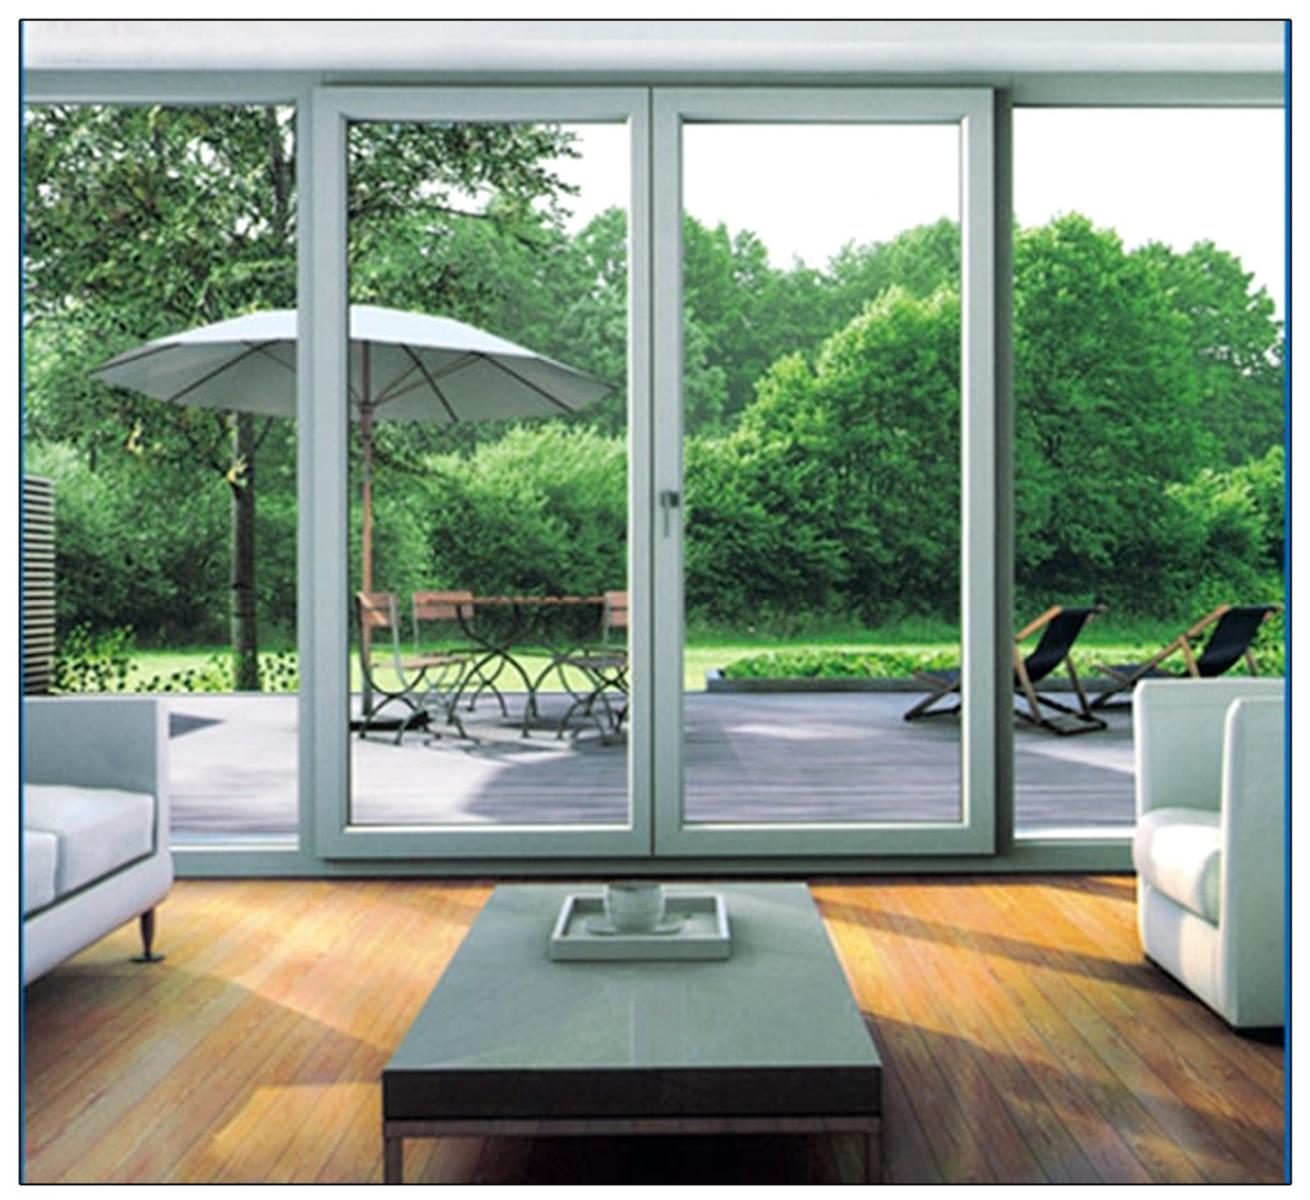 Thiết kế cửa kính giúp phòng khách sáng sủa hơn